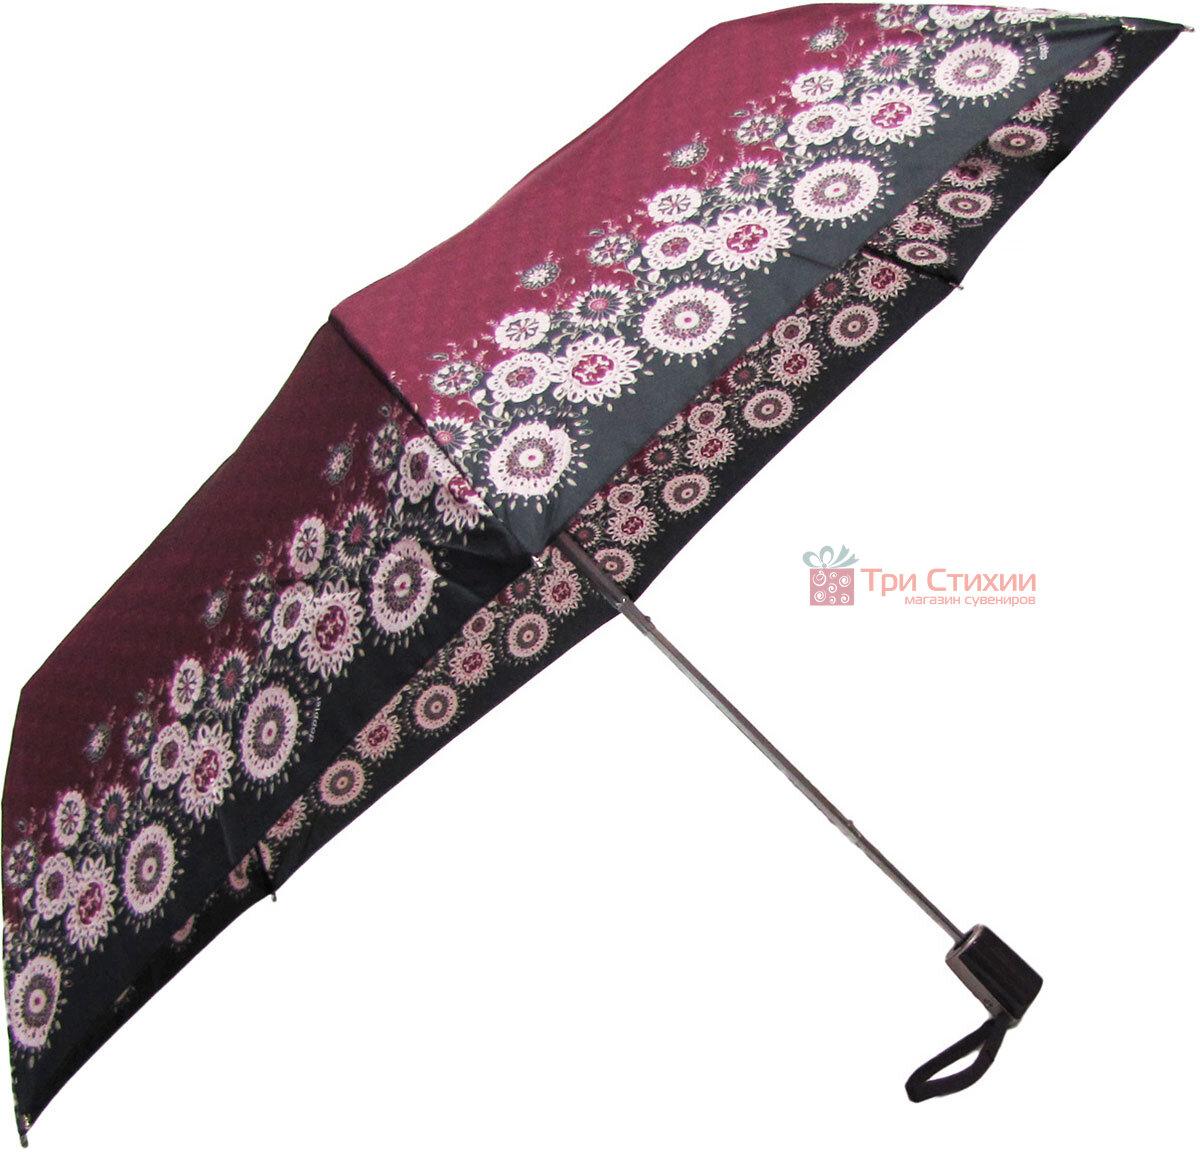 Зонт складной Doppler 7301653003-2 полуавтомат Бордовый Узор, фото 3